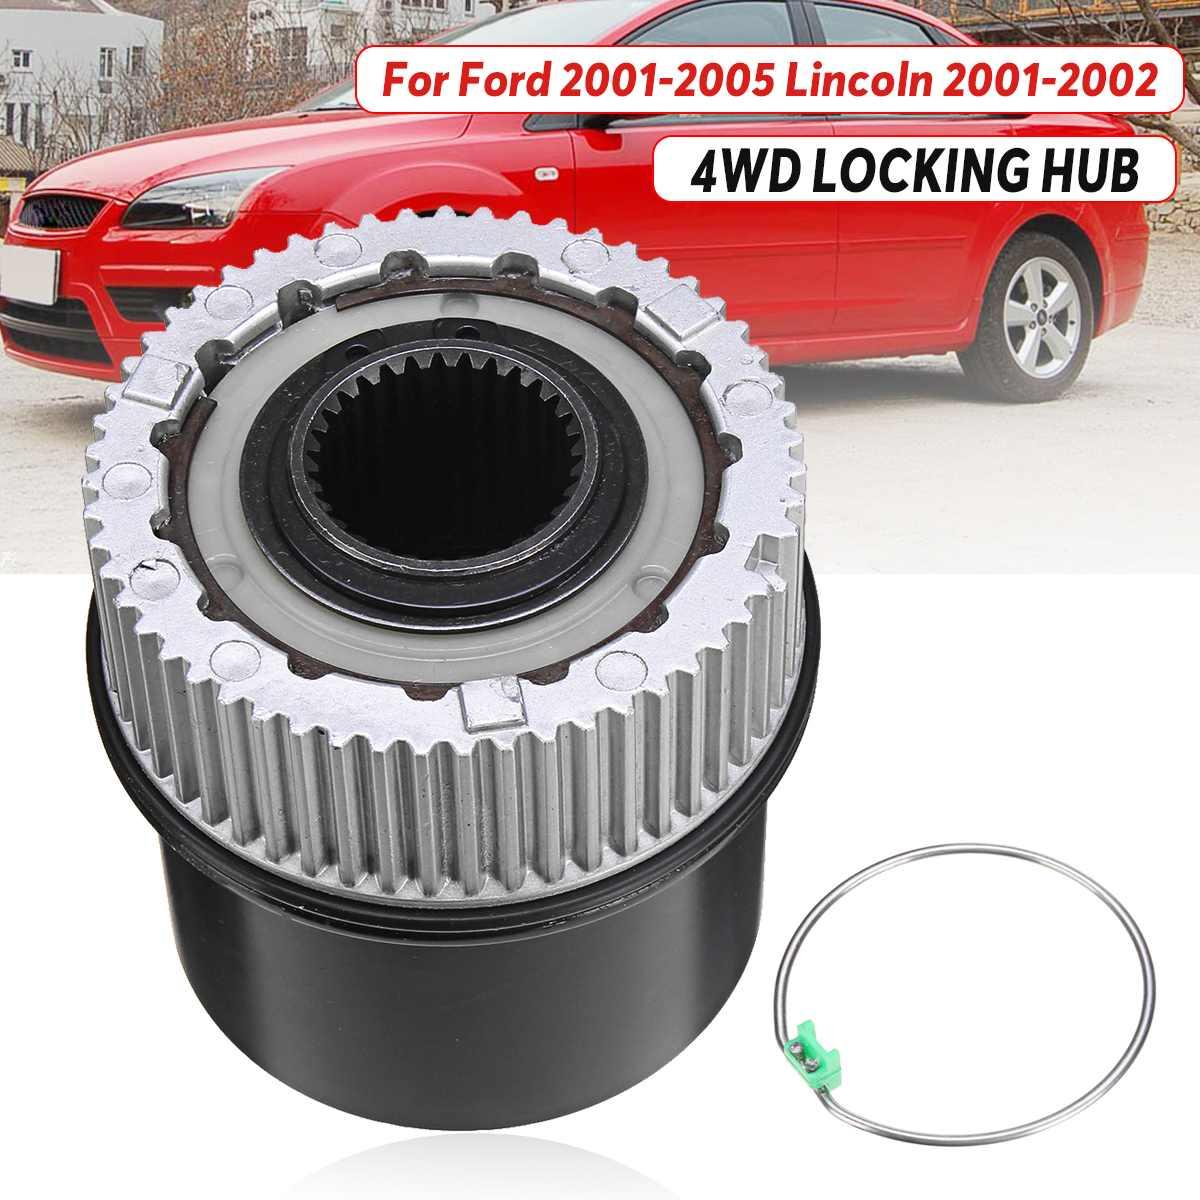 4WD moyeu de verrouillage manuel 1C3Z3B396DA 600-204 pour Ford 2001-2005 pour Lincoln 2001 2002